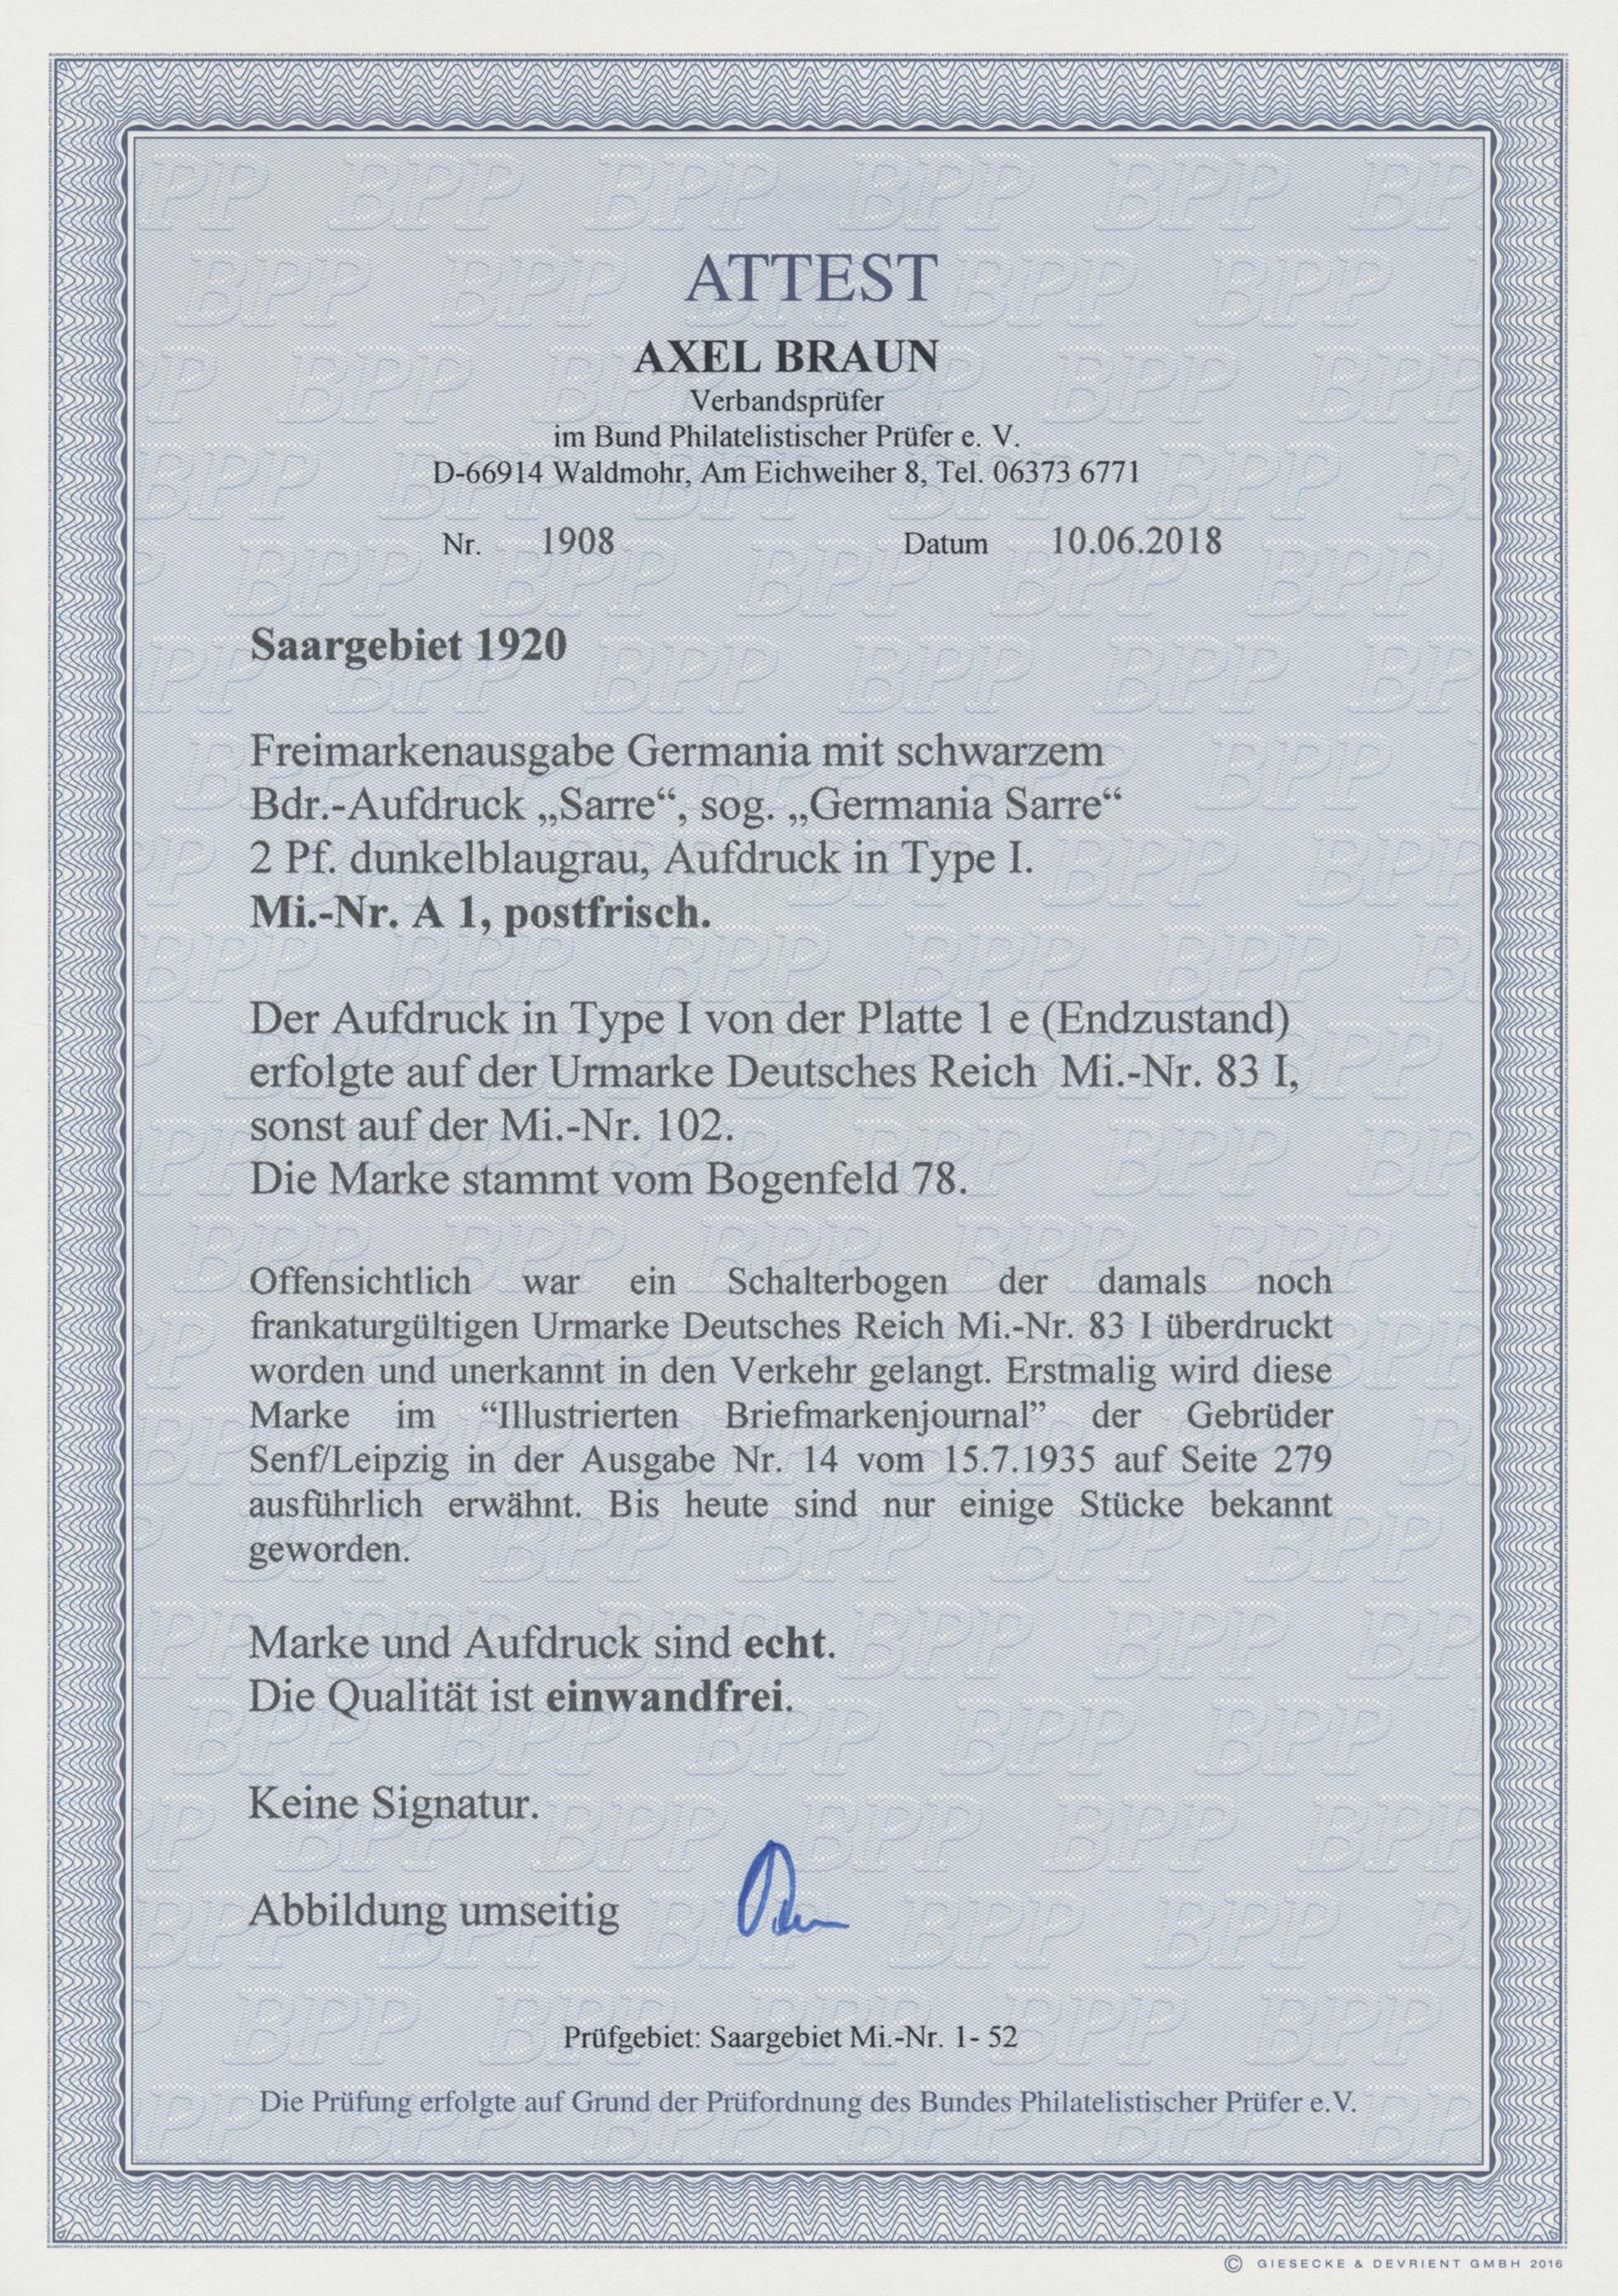 Lot 00717 - Deutsche Abstimmungsgebiete: Saargebiet  -  Auktionshaus Christoph Gärtner GmbH & Co. KG 50th Auction Anniversary Auction - Day 8